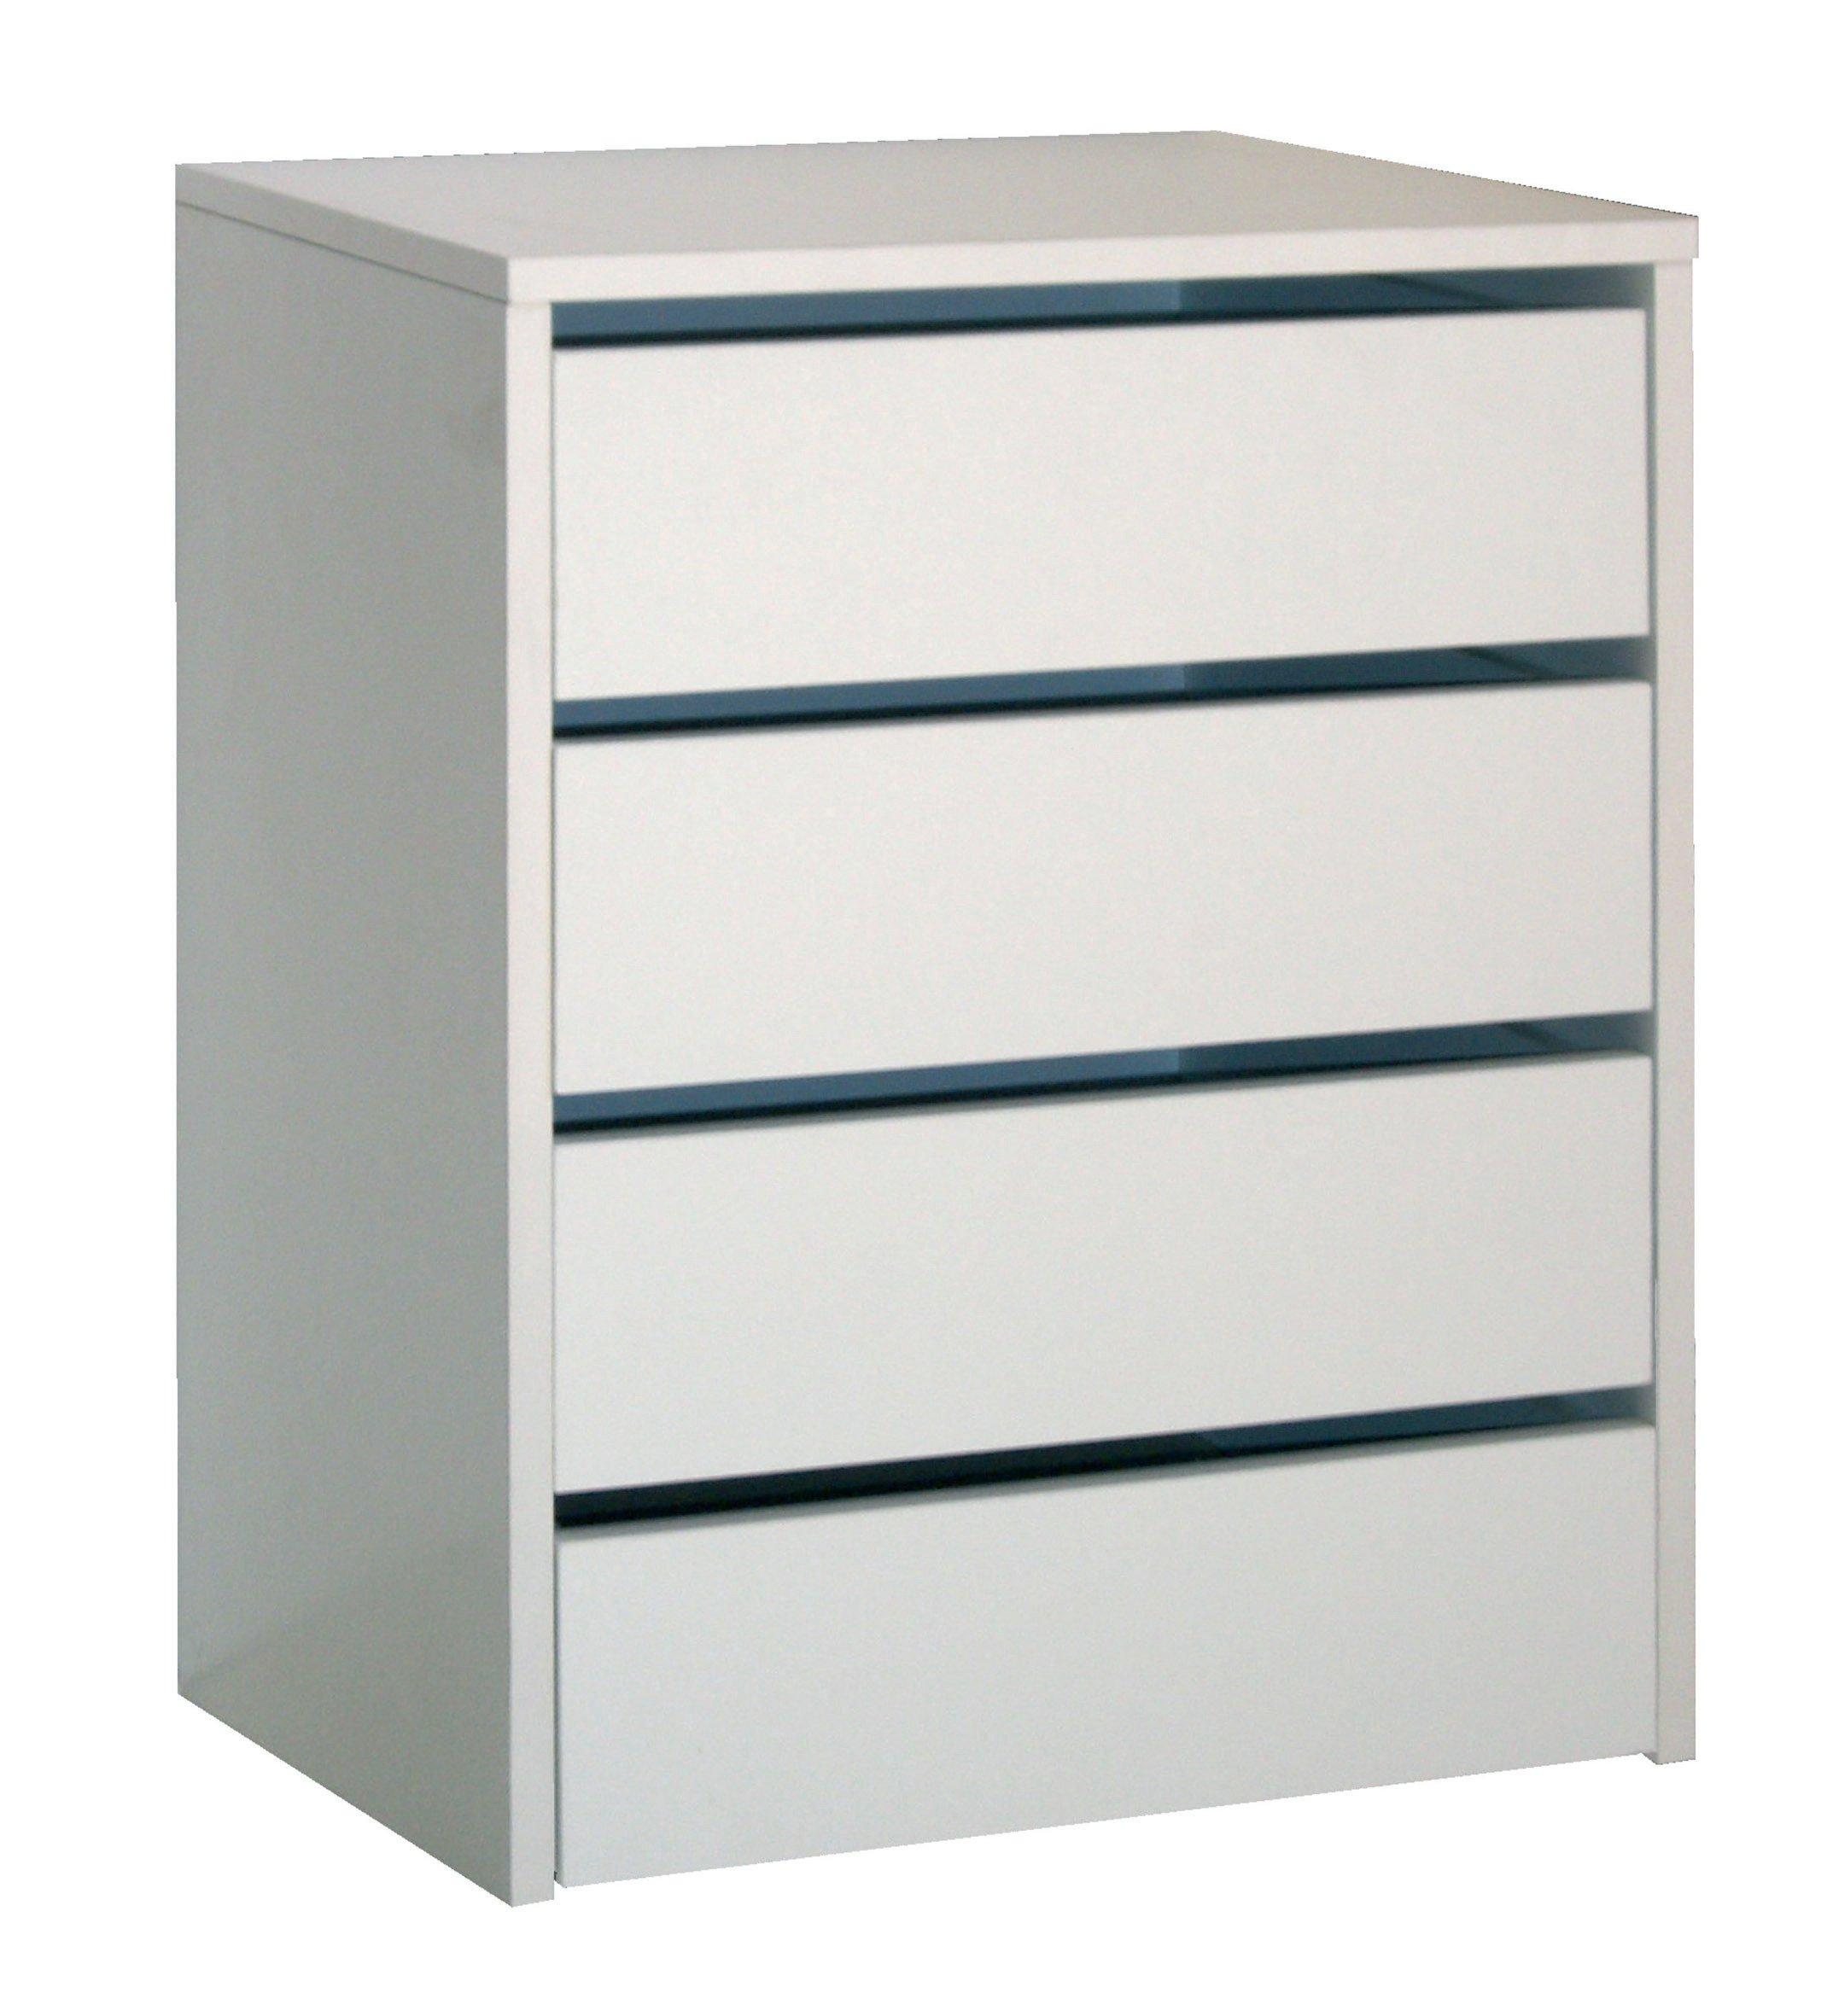 Ikea MALM – Juego de 4 cajones, Blanco, 80x100cm: Amazon.es: Hogar